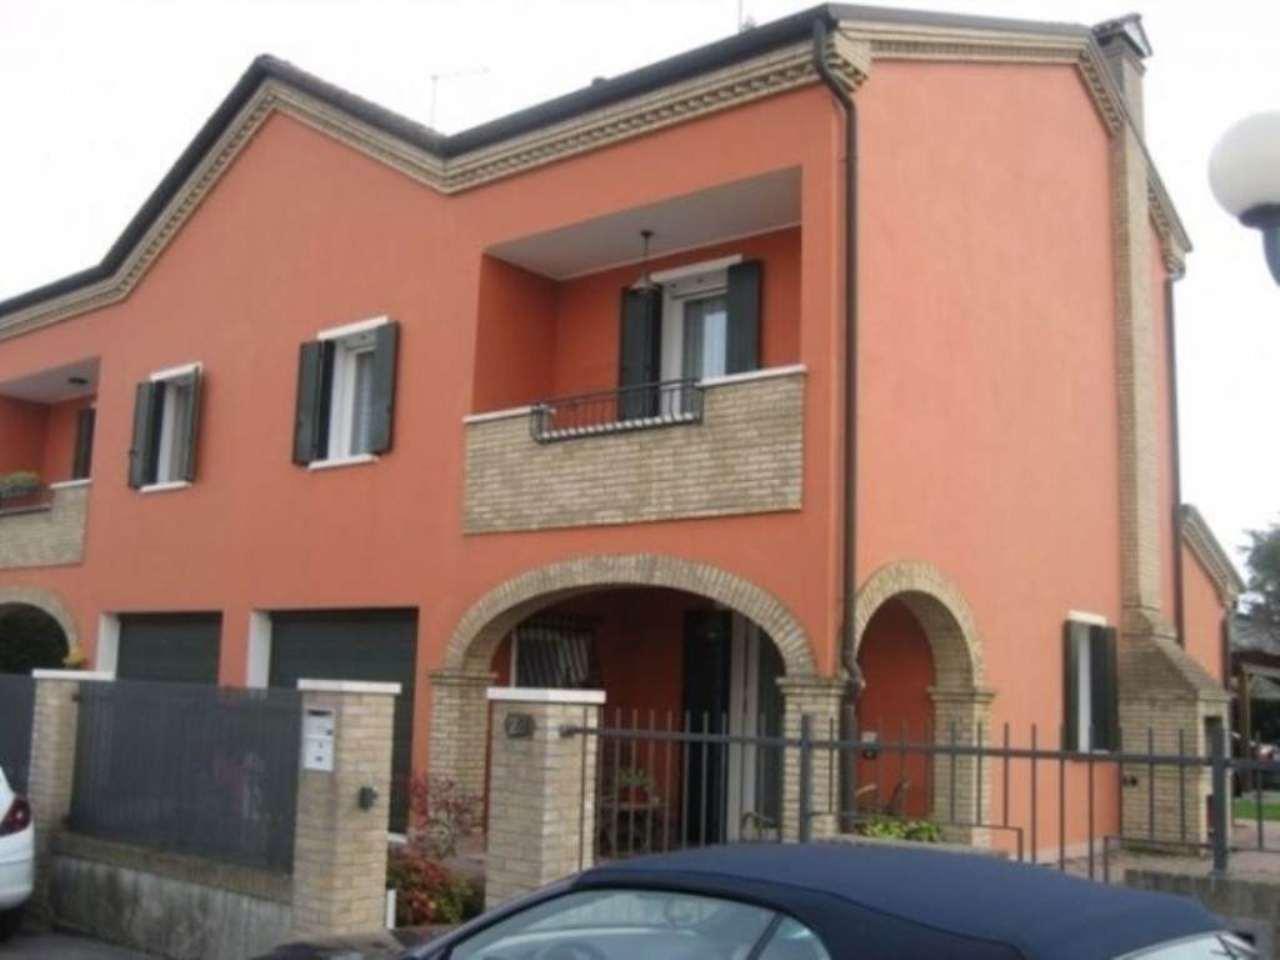 Villa in vendita a Camponogara, 5 locali, prezzo € 250.000 | Cambio Casa.it